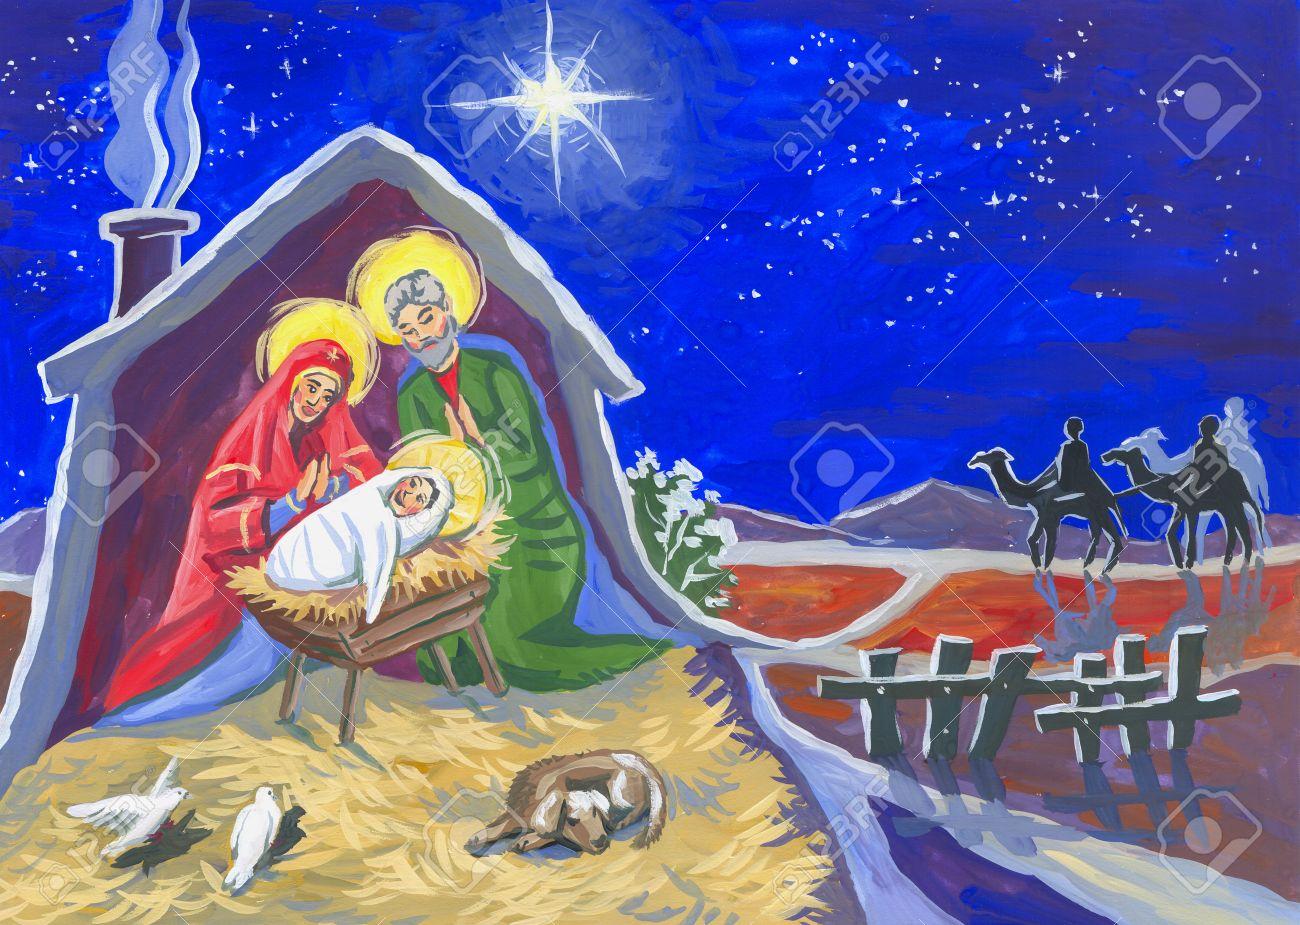 Illustration Couleur Nuit étoile De Noël Et Un Bébé Né Dans Une étable Le Dessin D Enfant